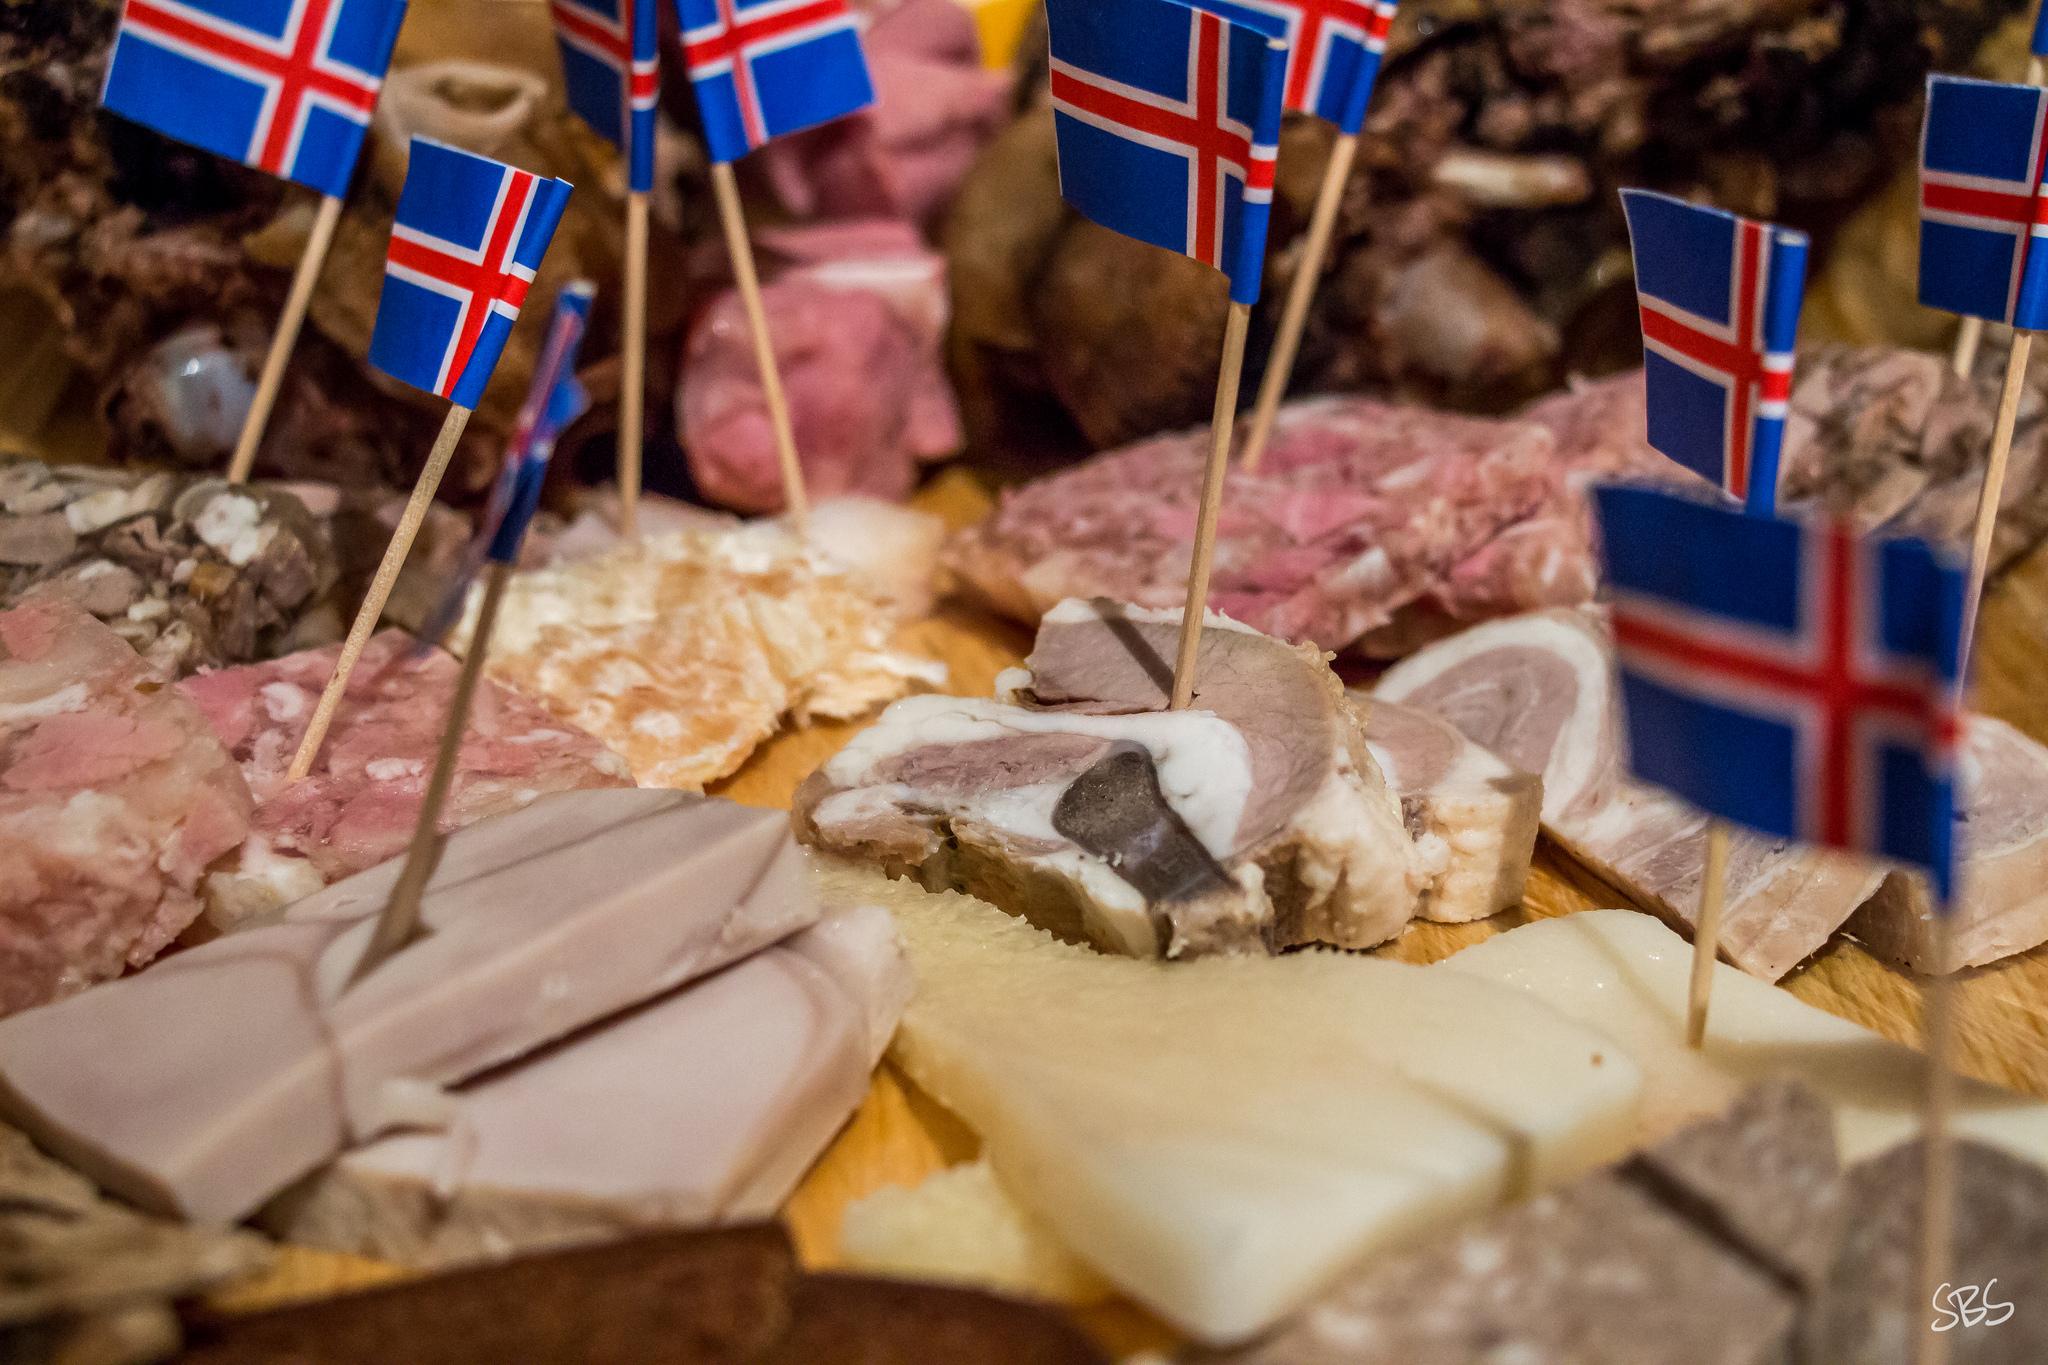 Coroczne wydarzenia na Islandii | Sprawdź co Cię czeka!